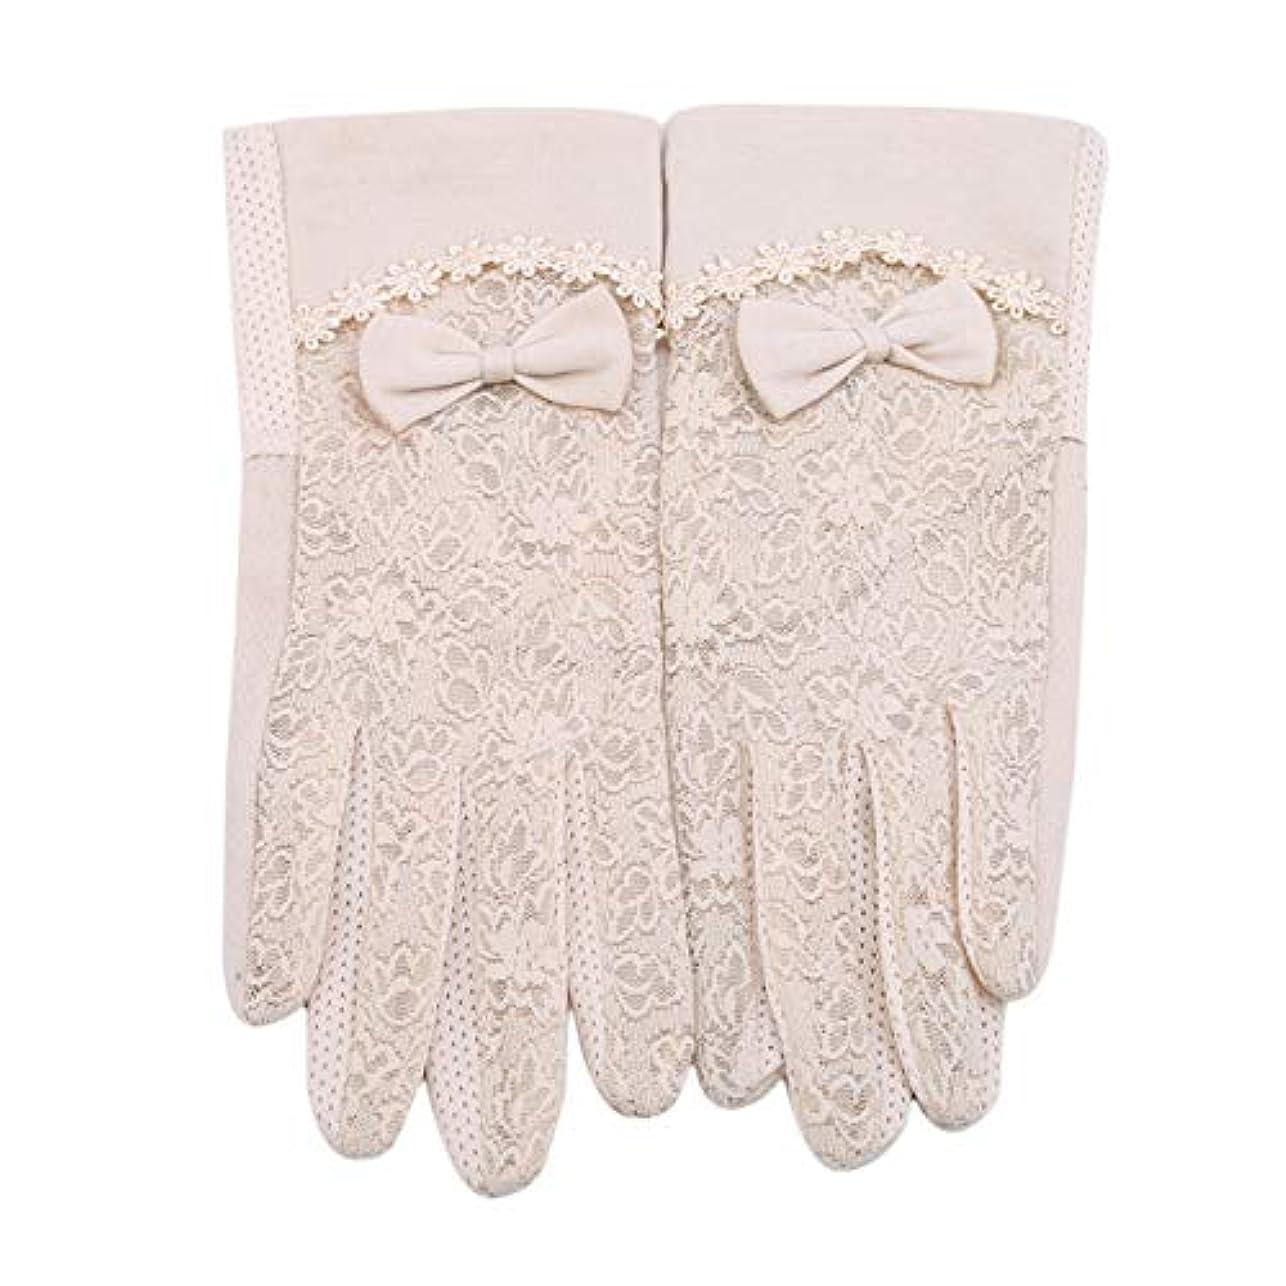 ハーブハムおとなしいMODMHB 手袋 UVカット 手触りが良い 紫外線カット 日焼け防止 ハンド ケア 手荒い対策 保湿 保護 抗菌 防臭